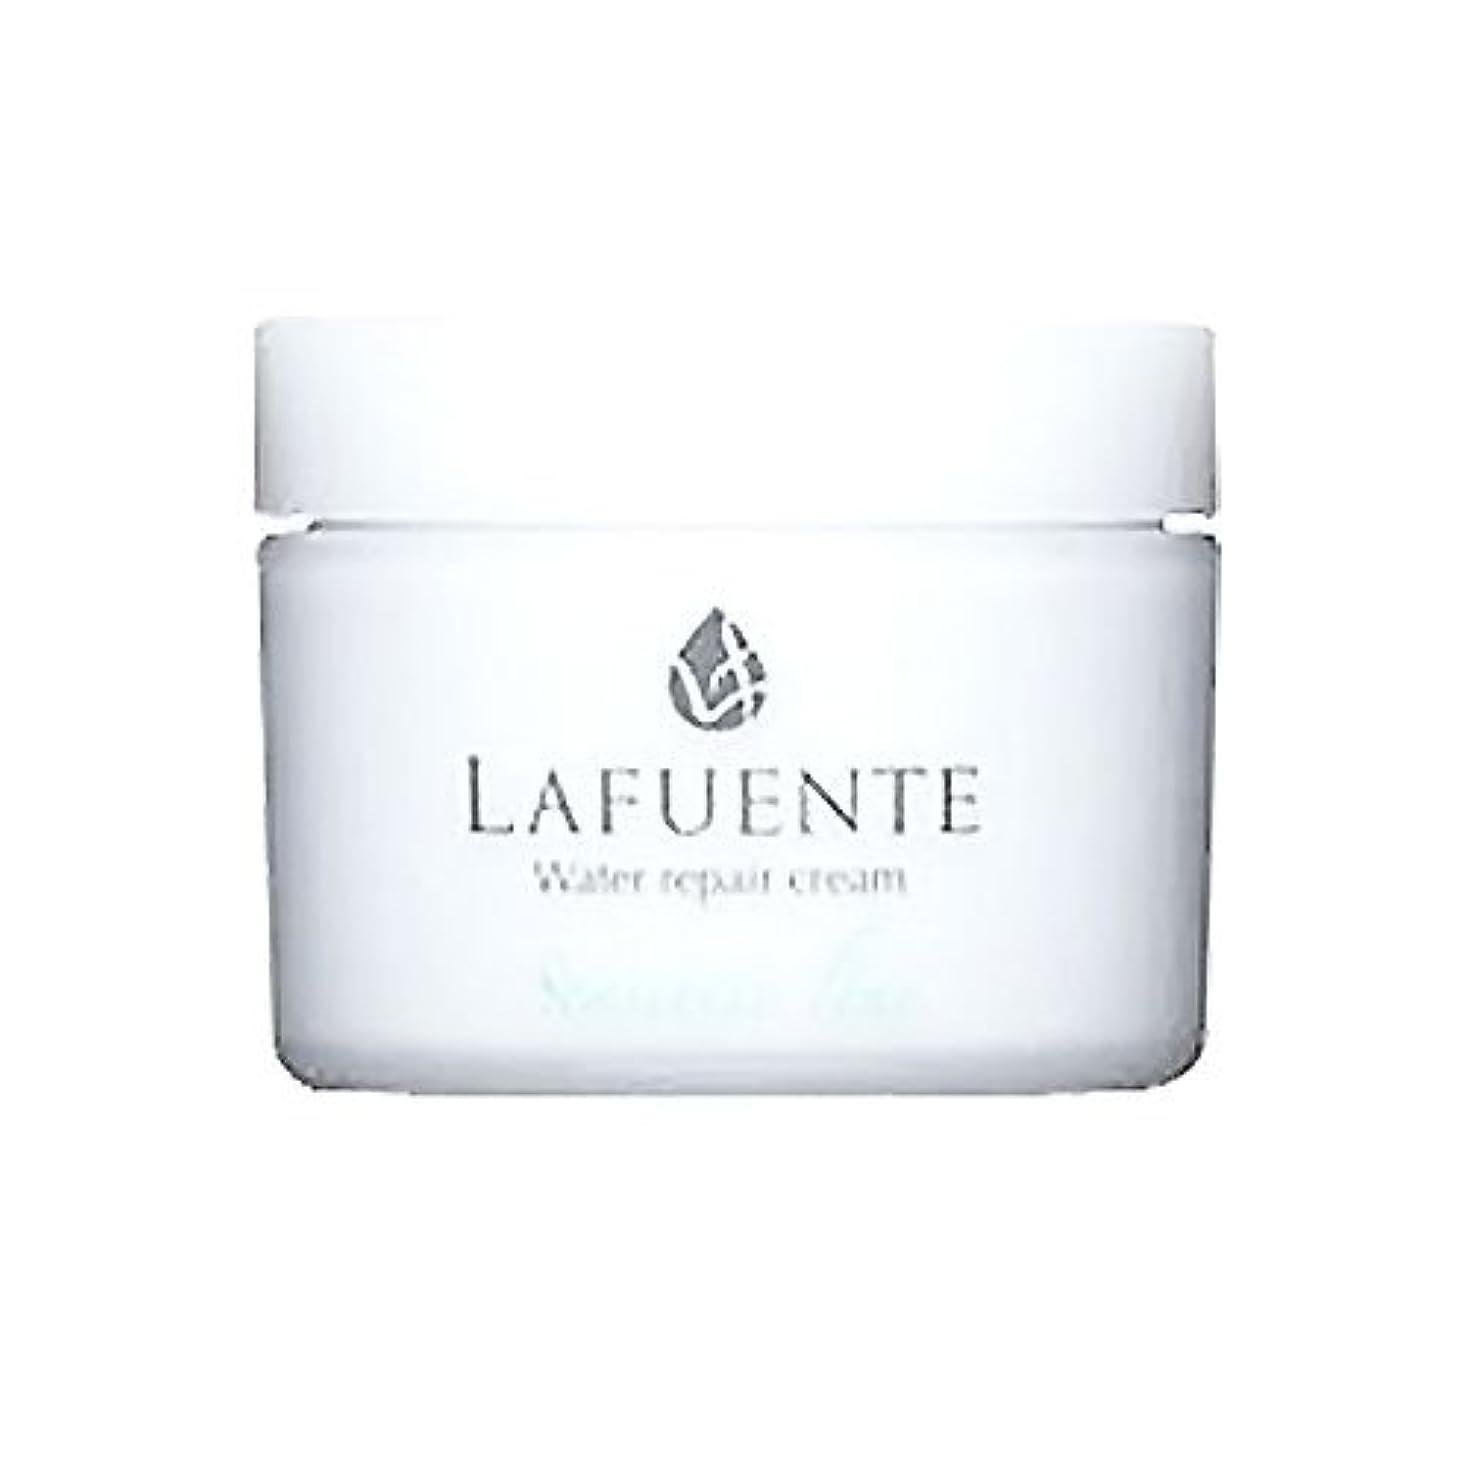 寝室を掃除する訪問葉を拾うLAFUNTE (ラファンテ) ウォーターリペアクリーム 50g